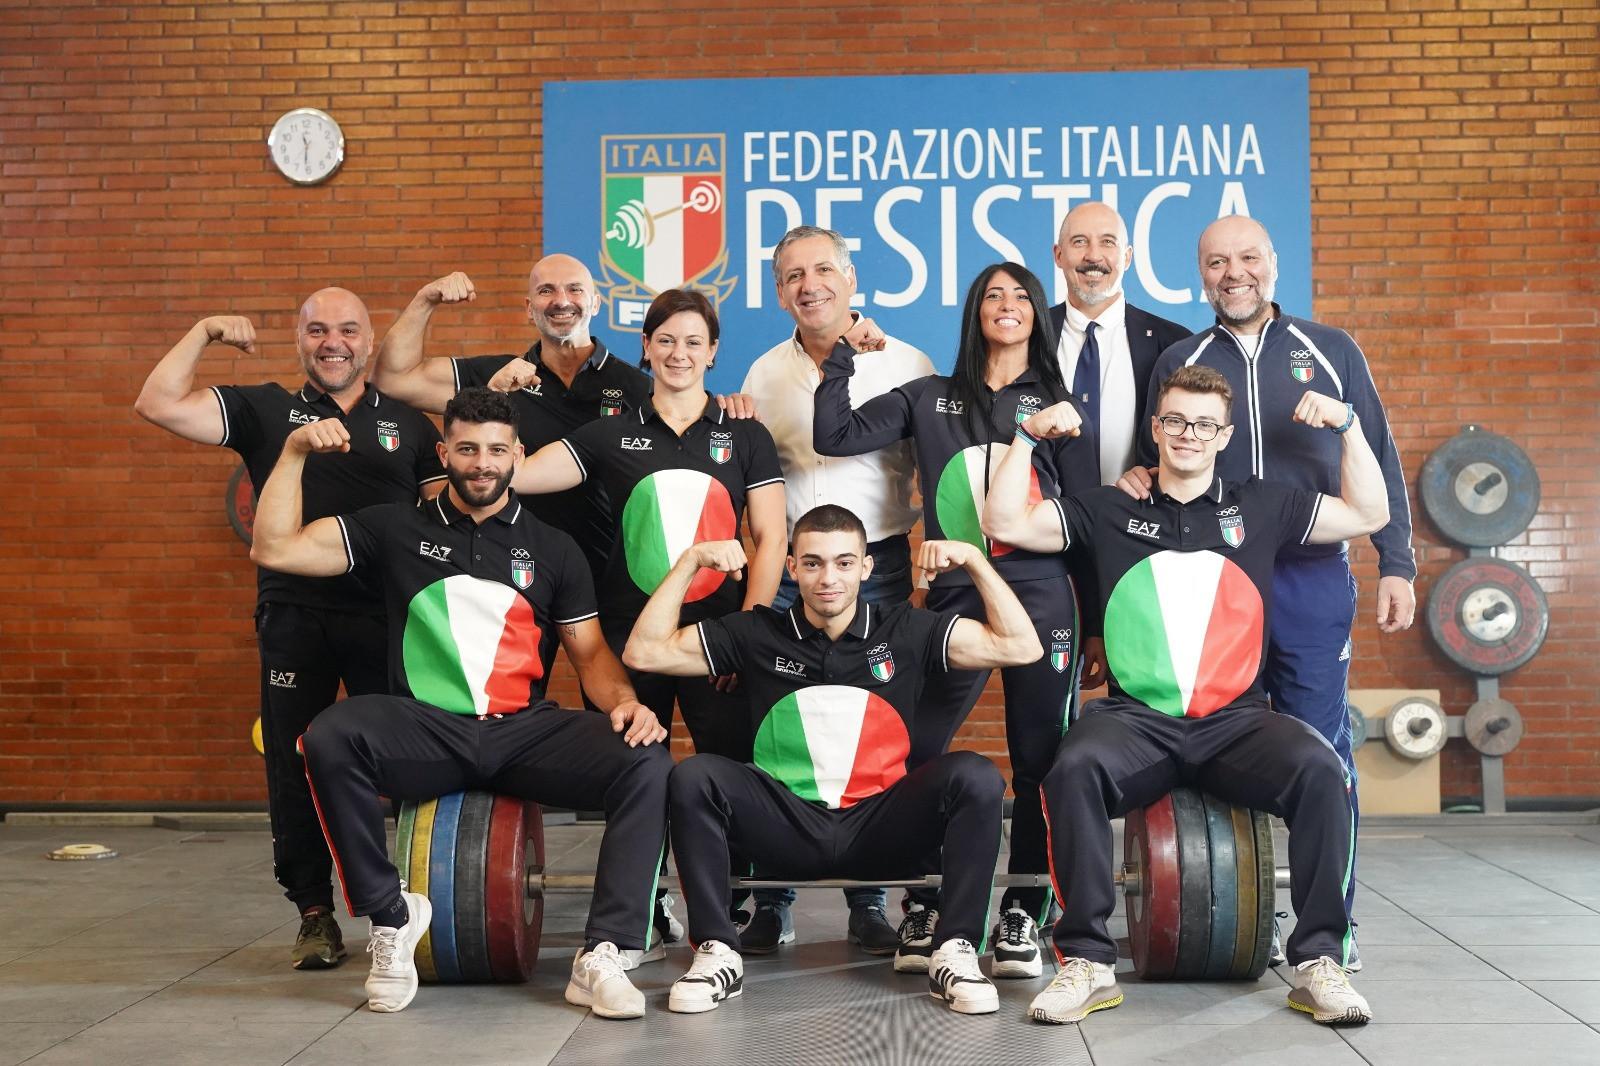 Antonio Urso, Presidente della Federazione Italiana Pesistica con la Squadra Italiana Pesistica per Tokyo 2020, Center Pack.  © Facebook / FIPE